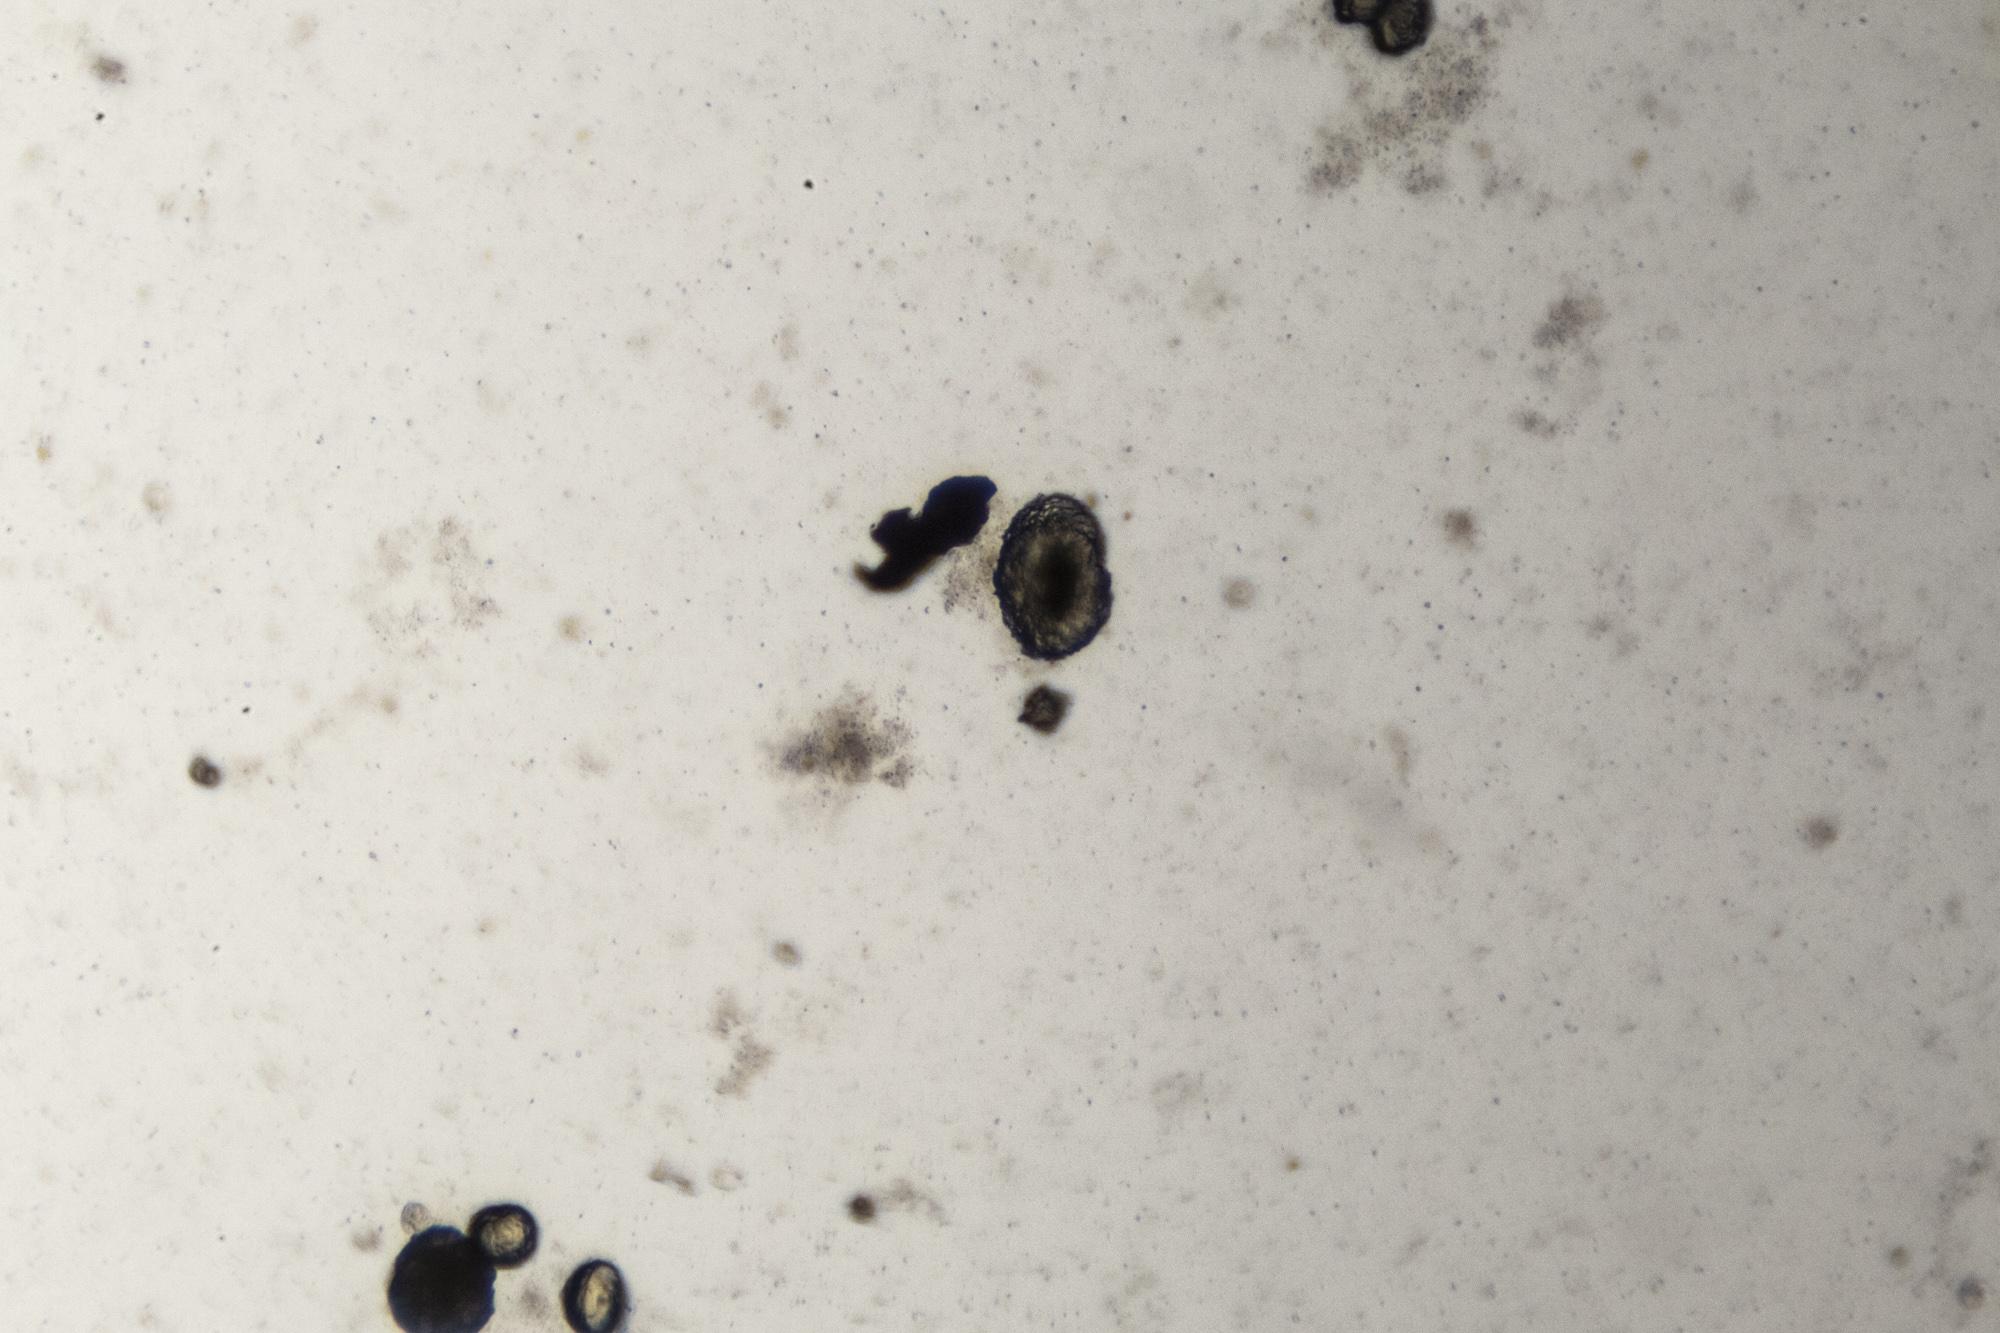 RRodner-Microscopic-6.jpg